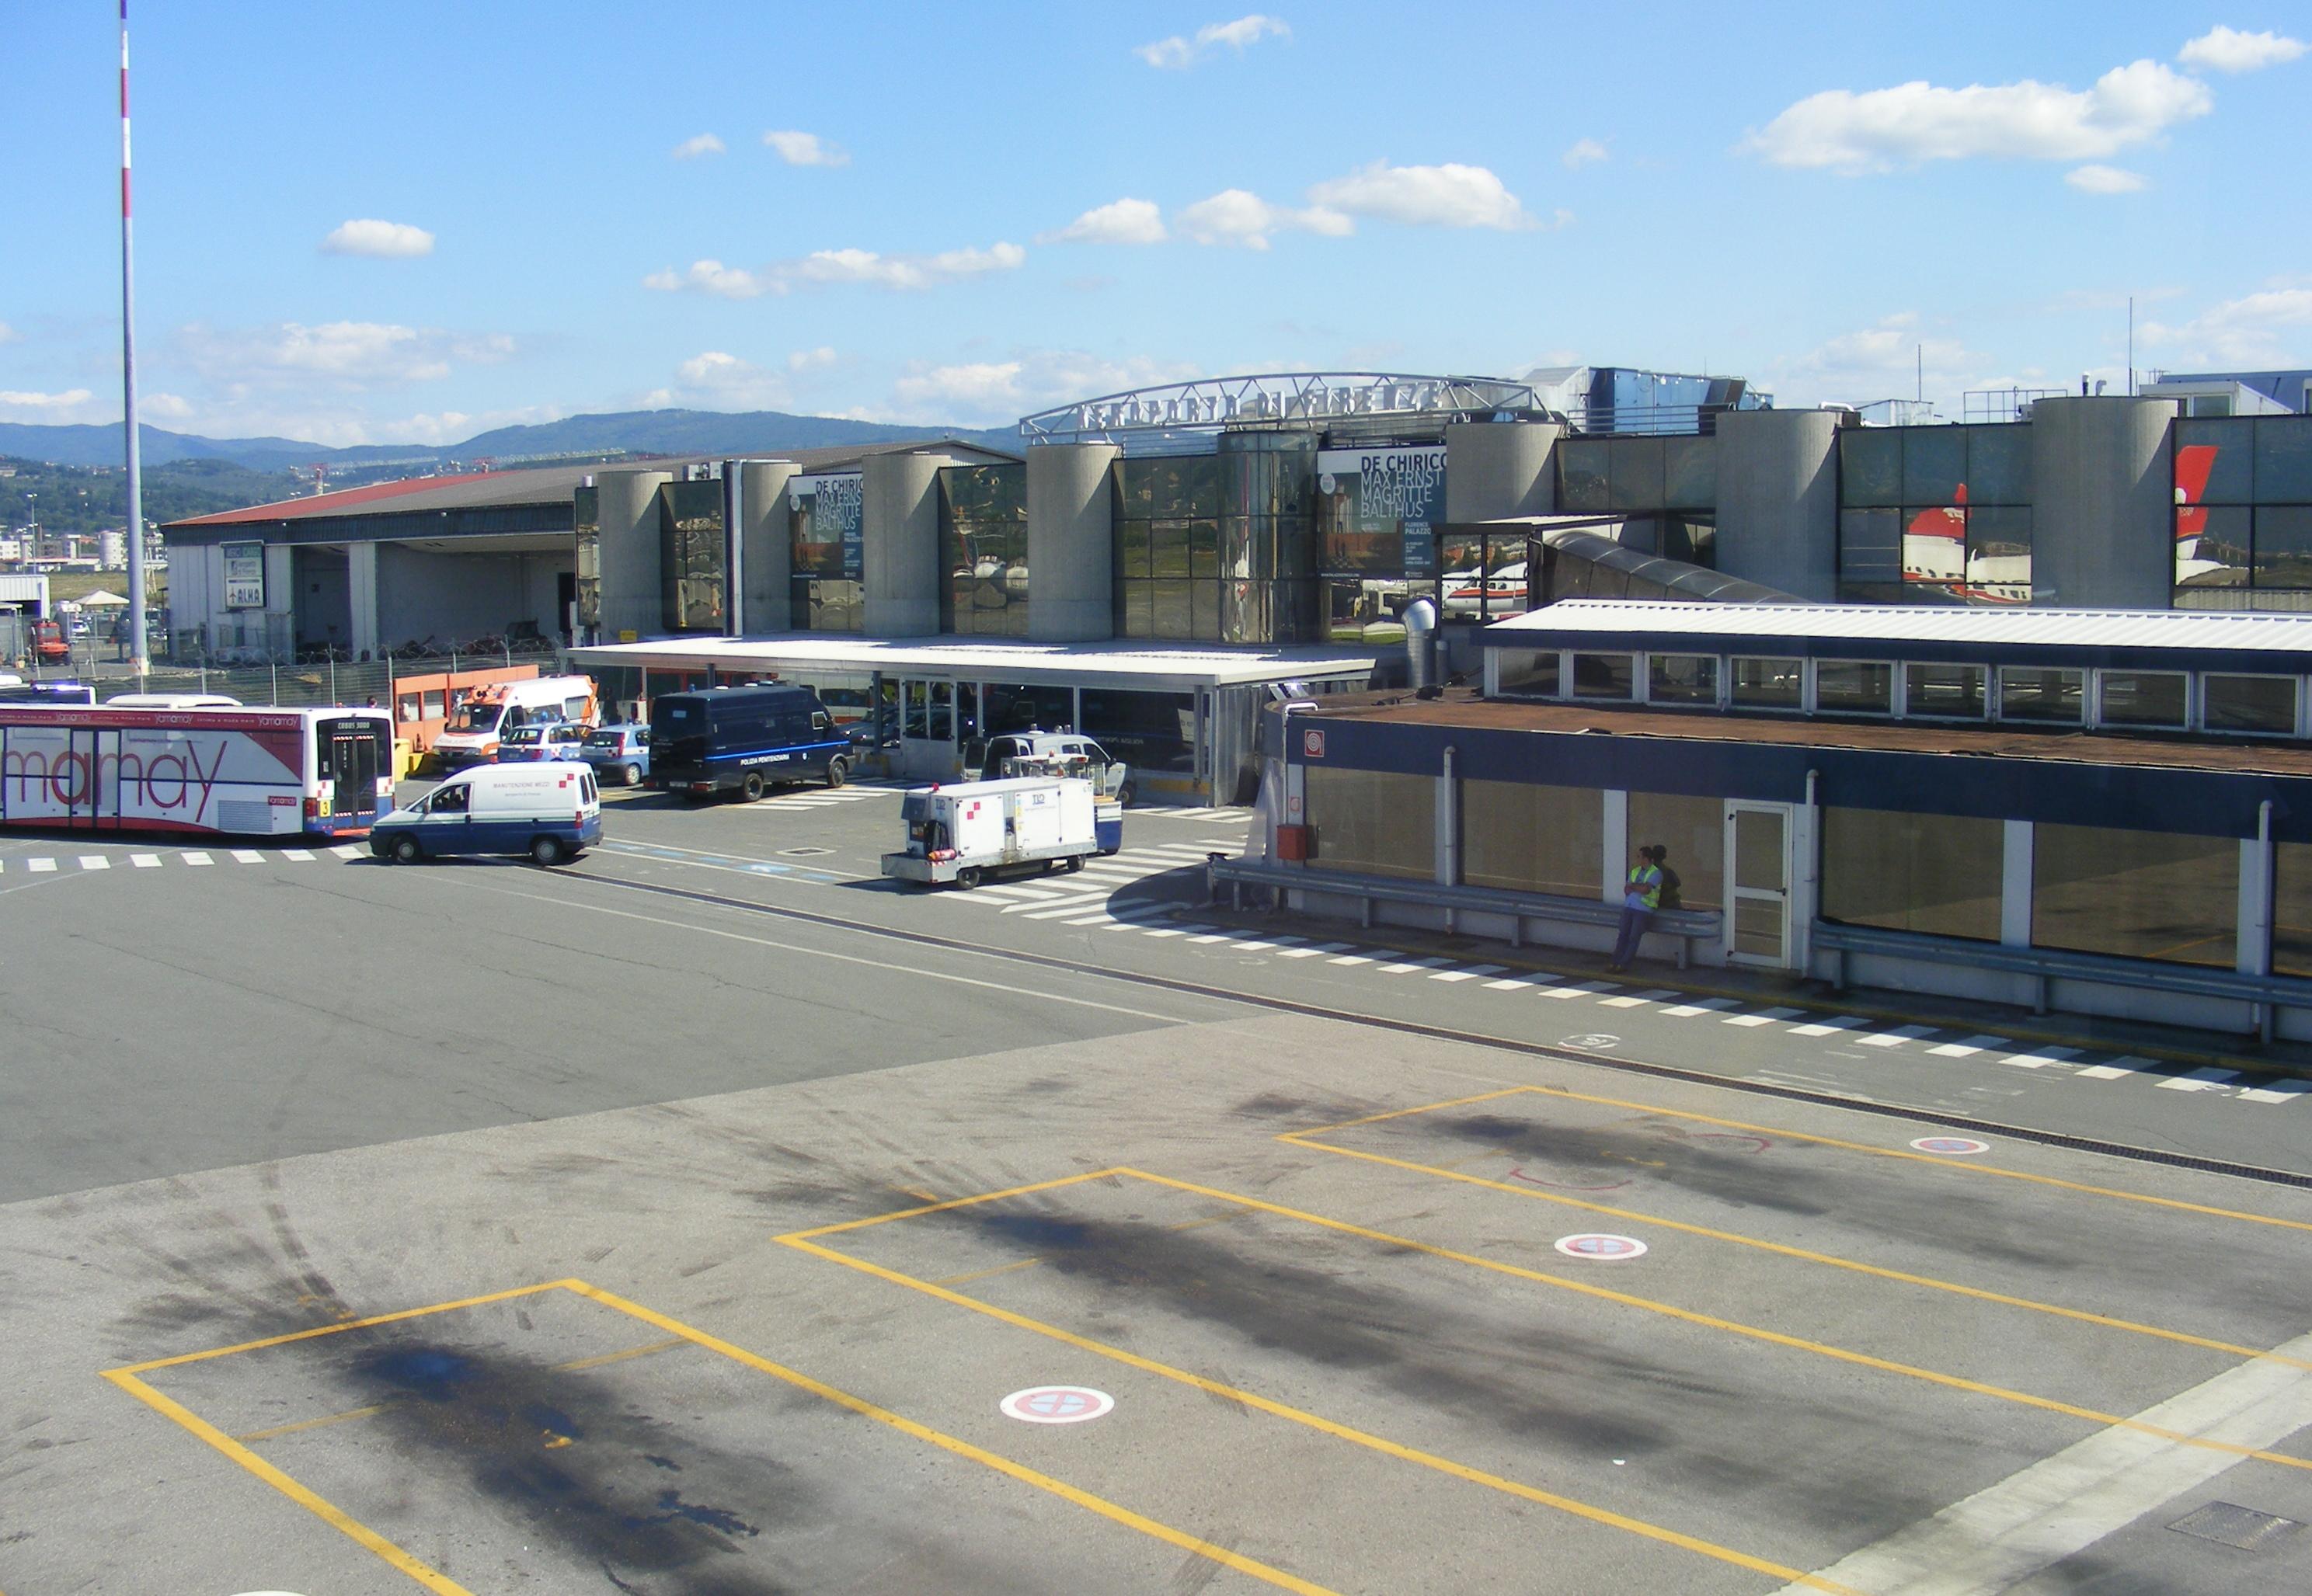 Aeroporto Firenze : File aeroporto di firenze main building seen from